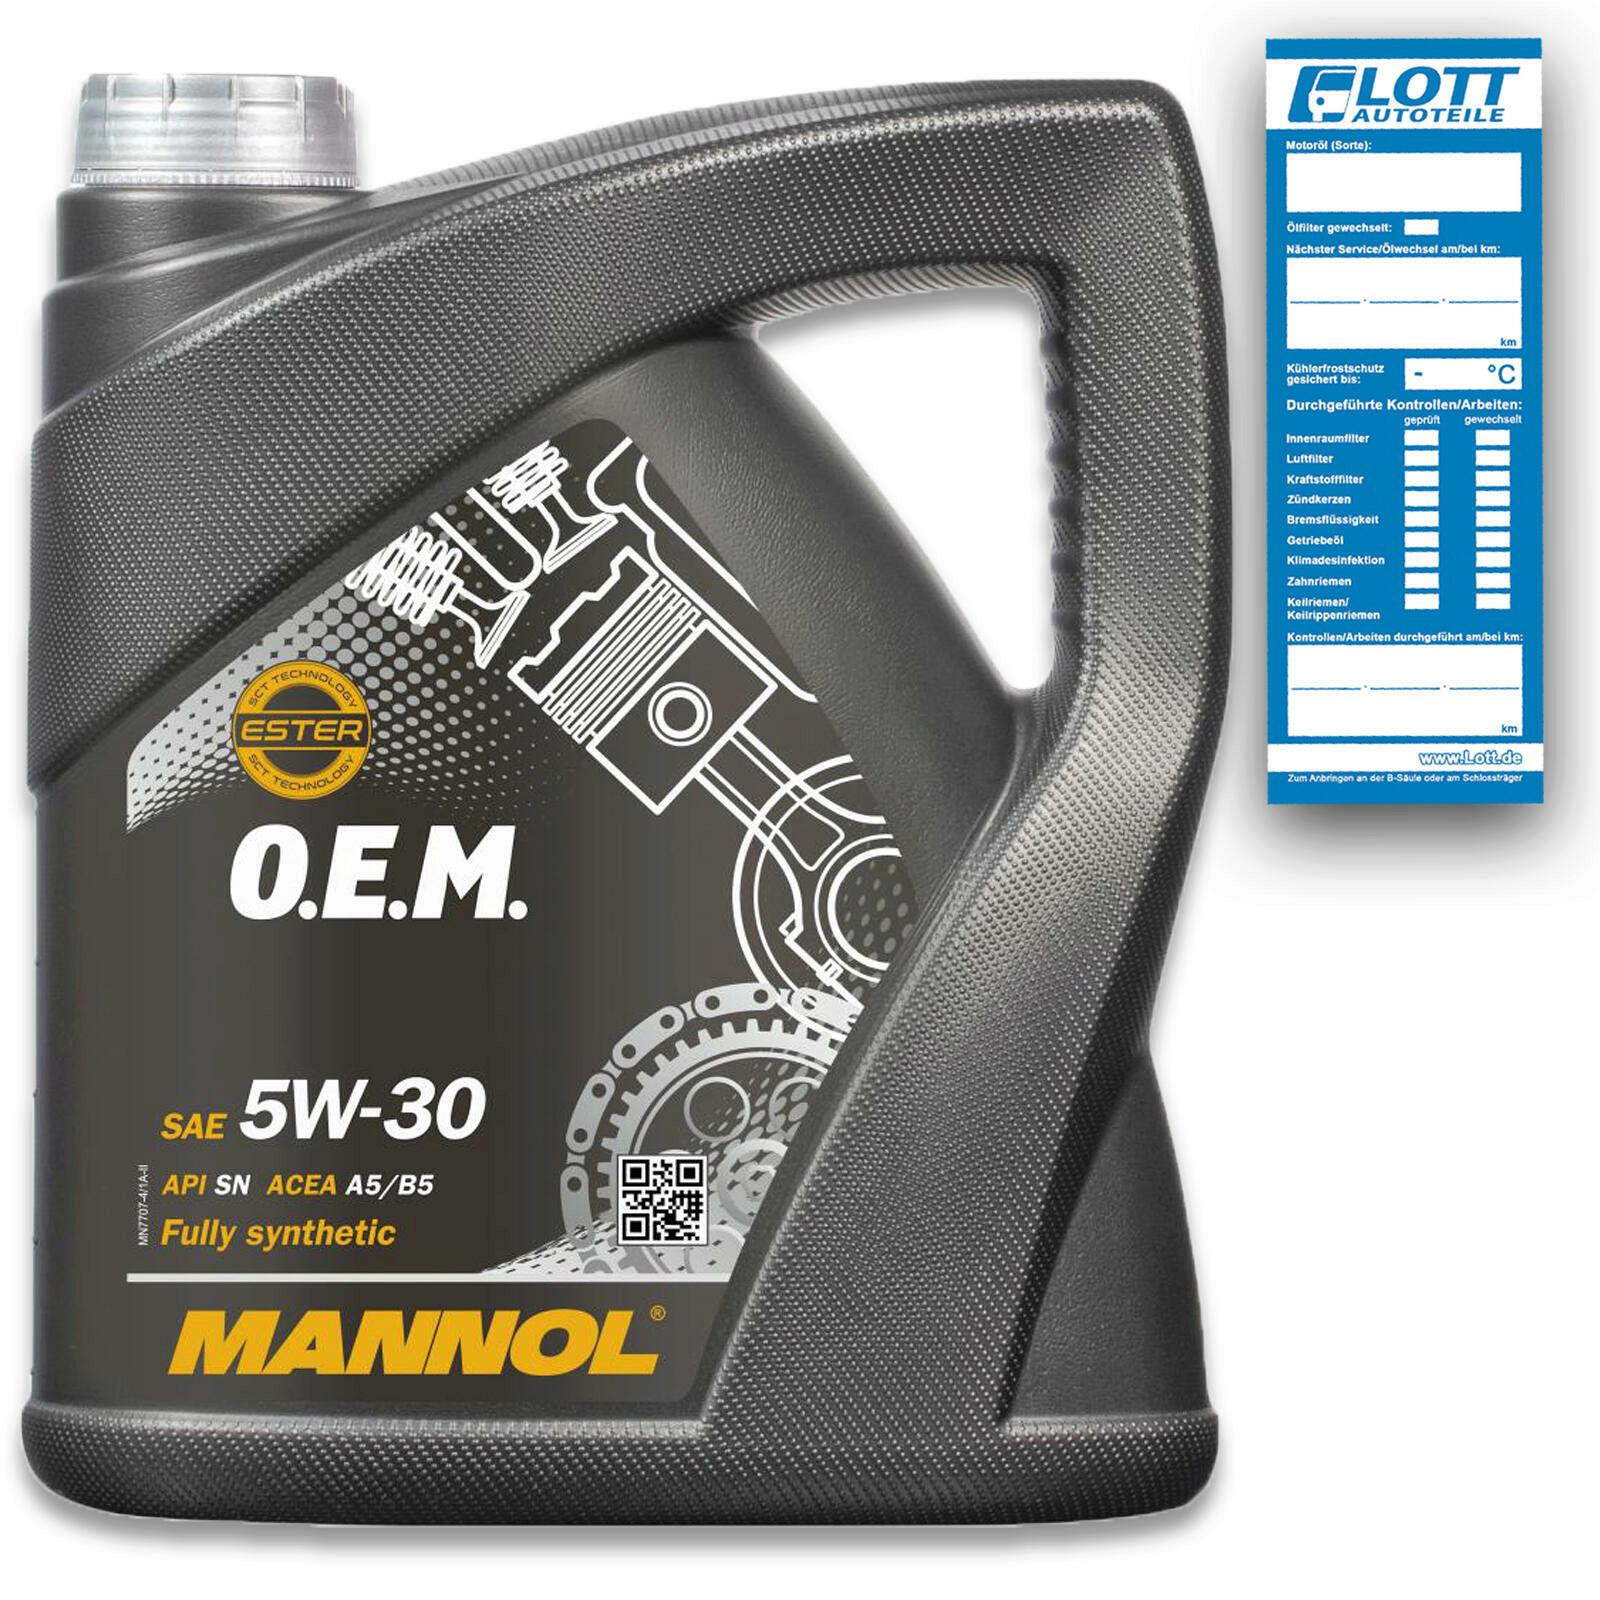 Mannol O.E.M. Motoröl 5W-30 4L